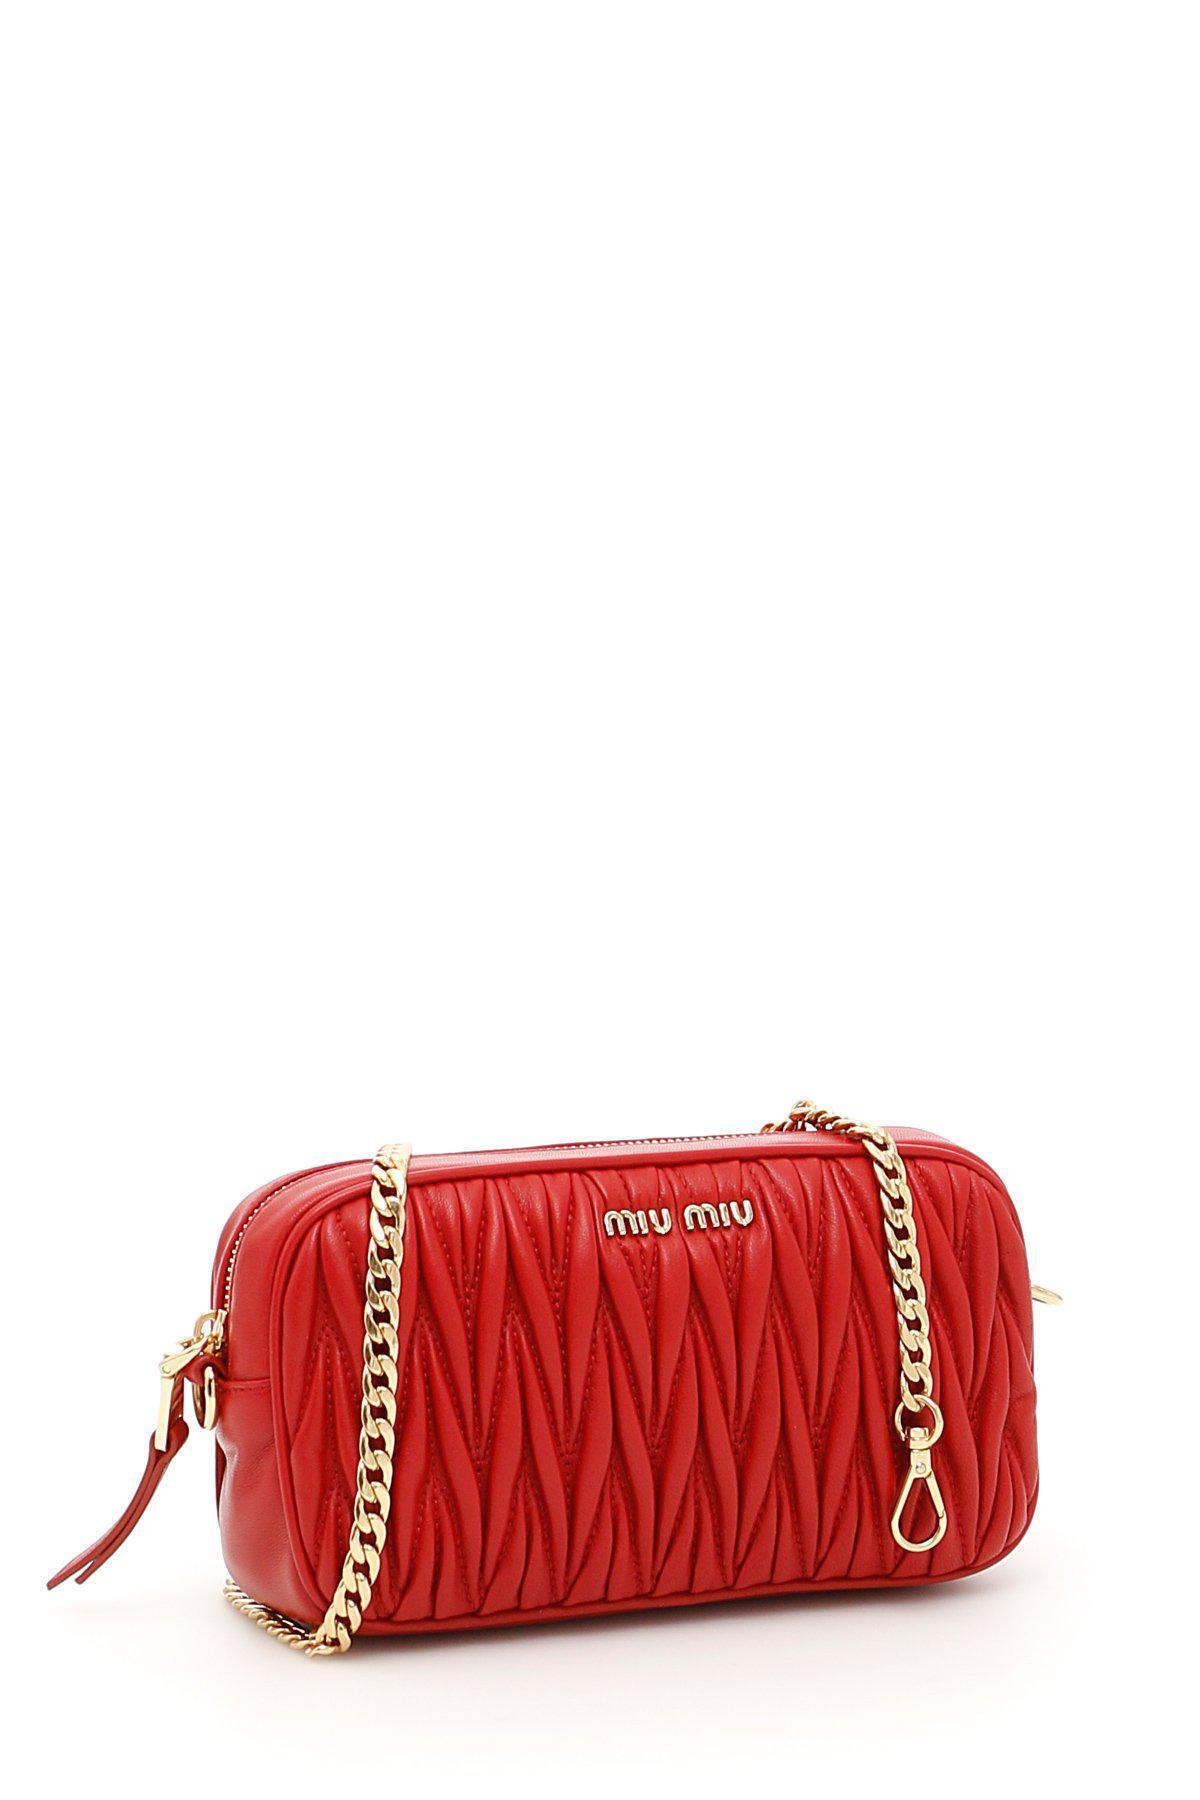 Lyst - Miu Miu Matelassé Belt Bag in Red 2435b6a377